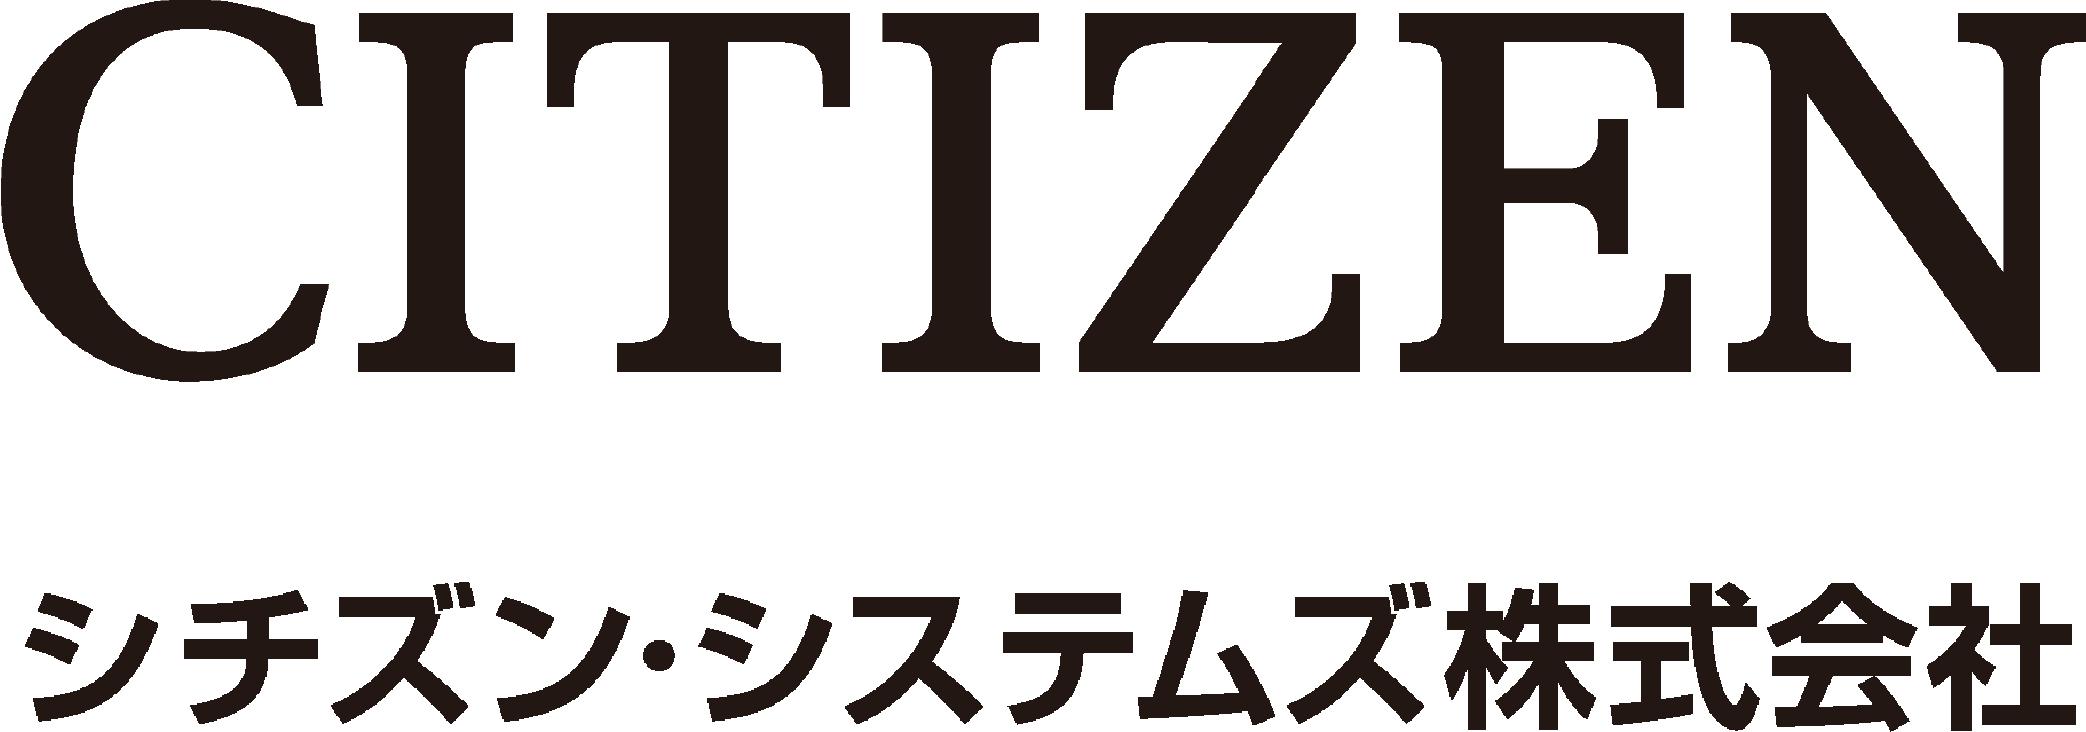 シチズン・システムズ株式会社